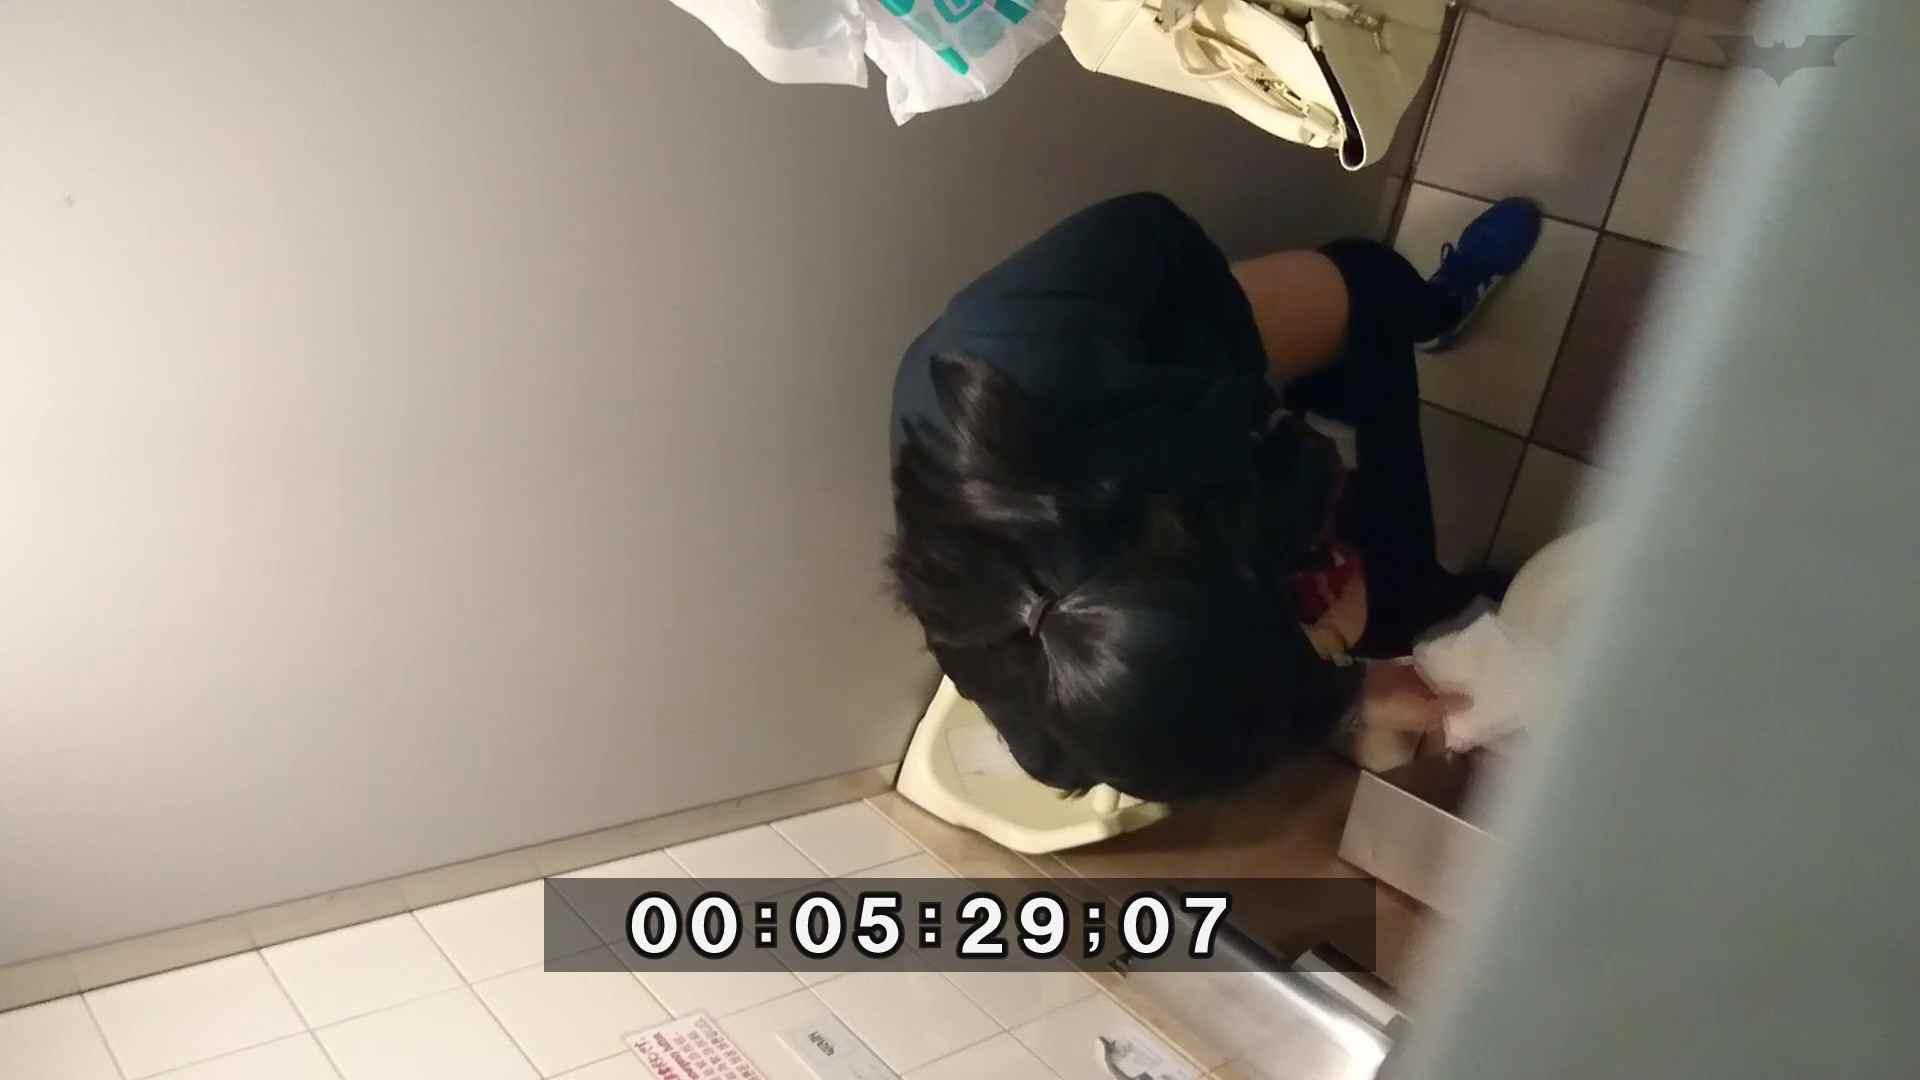 化粧室絵巻 ショッピングモール編 VOL.04 OL | 高画質  100連発 24